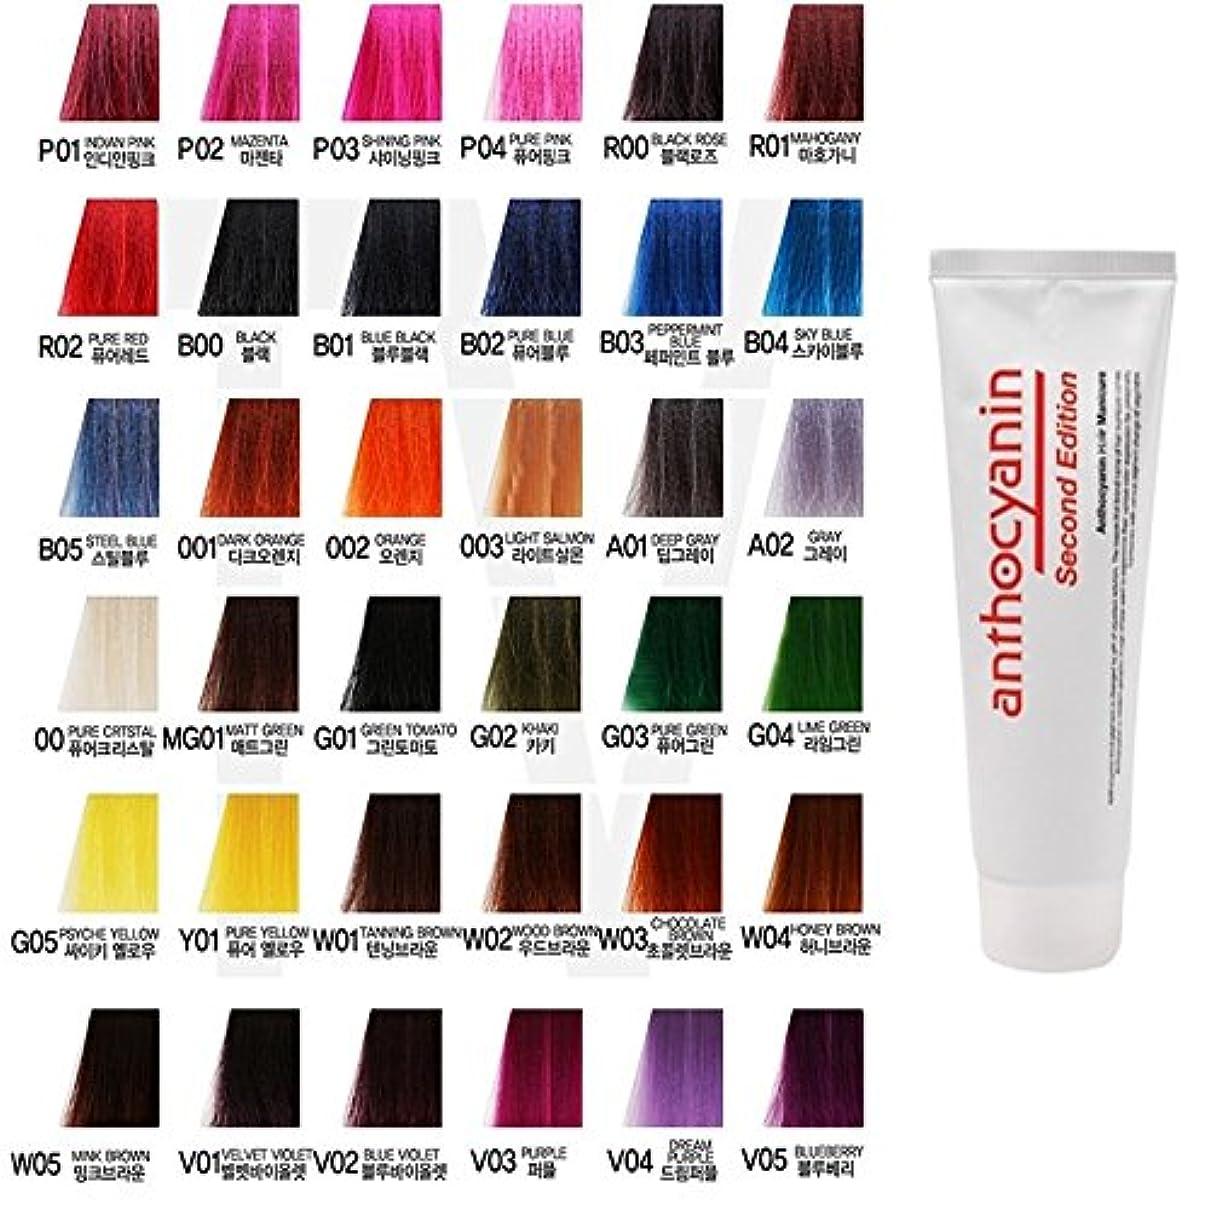 マルコポーロ兵士内部ヘア マニキュア カラー セカンド エディション 230g セミ パーマネント 染毛剤 ( Hair Manicure Color Second Edition 230g Semi Permanent Hair Dye) [並行輸入品] (A01 Deep Gray)